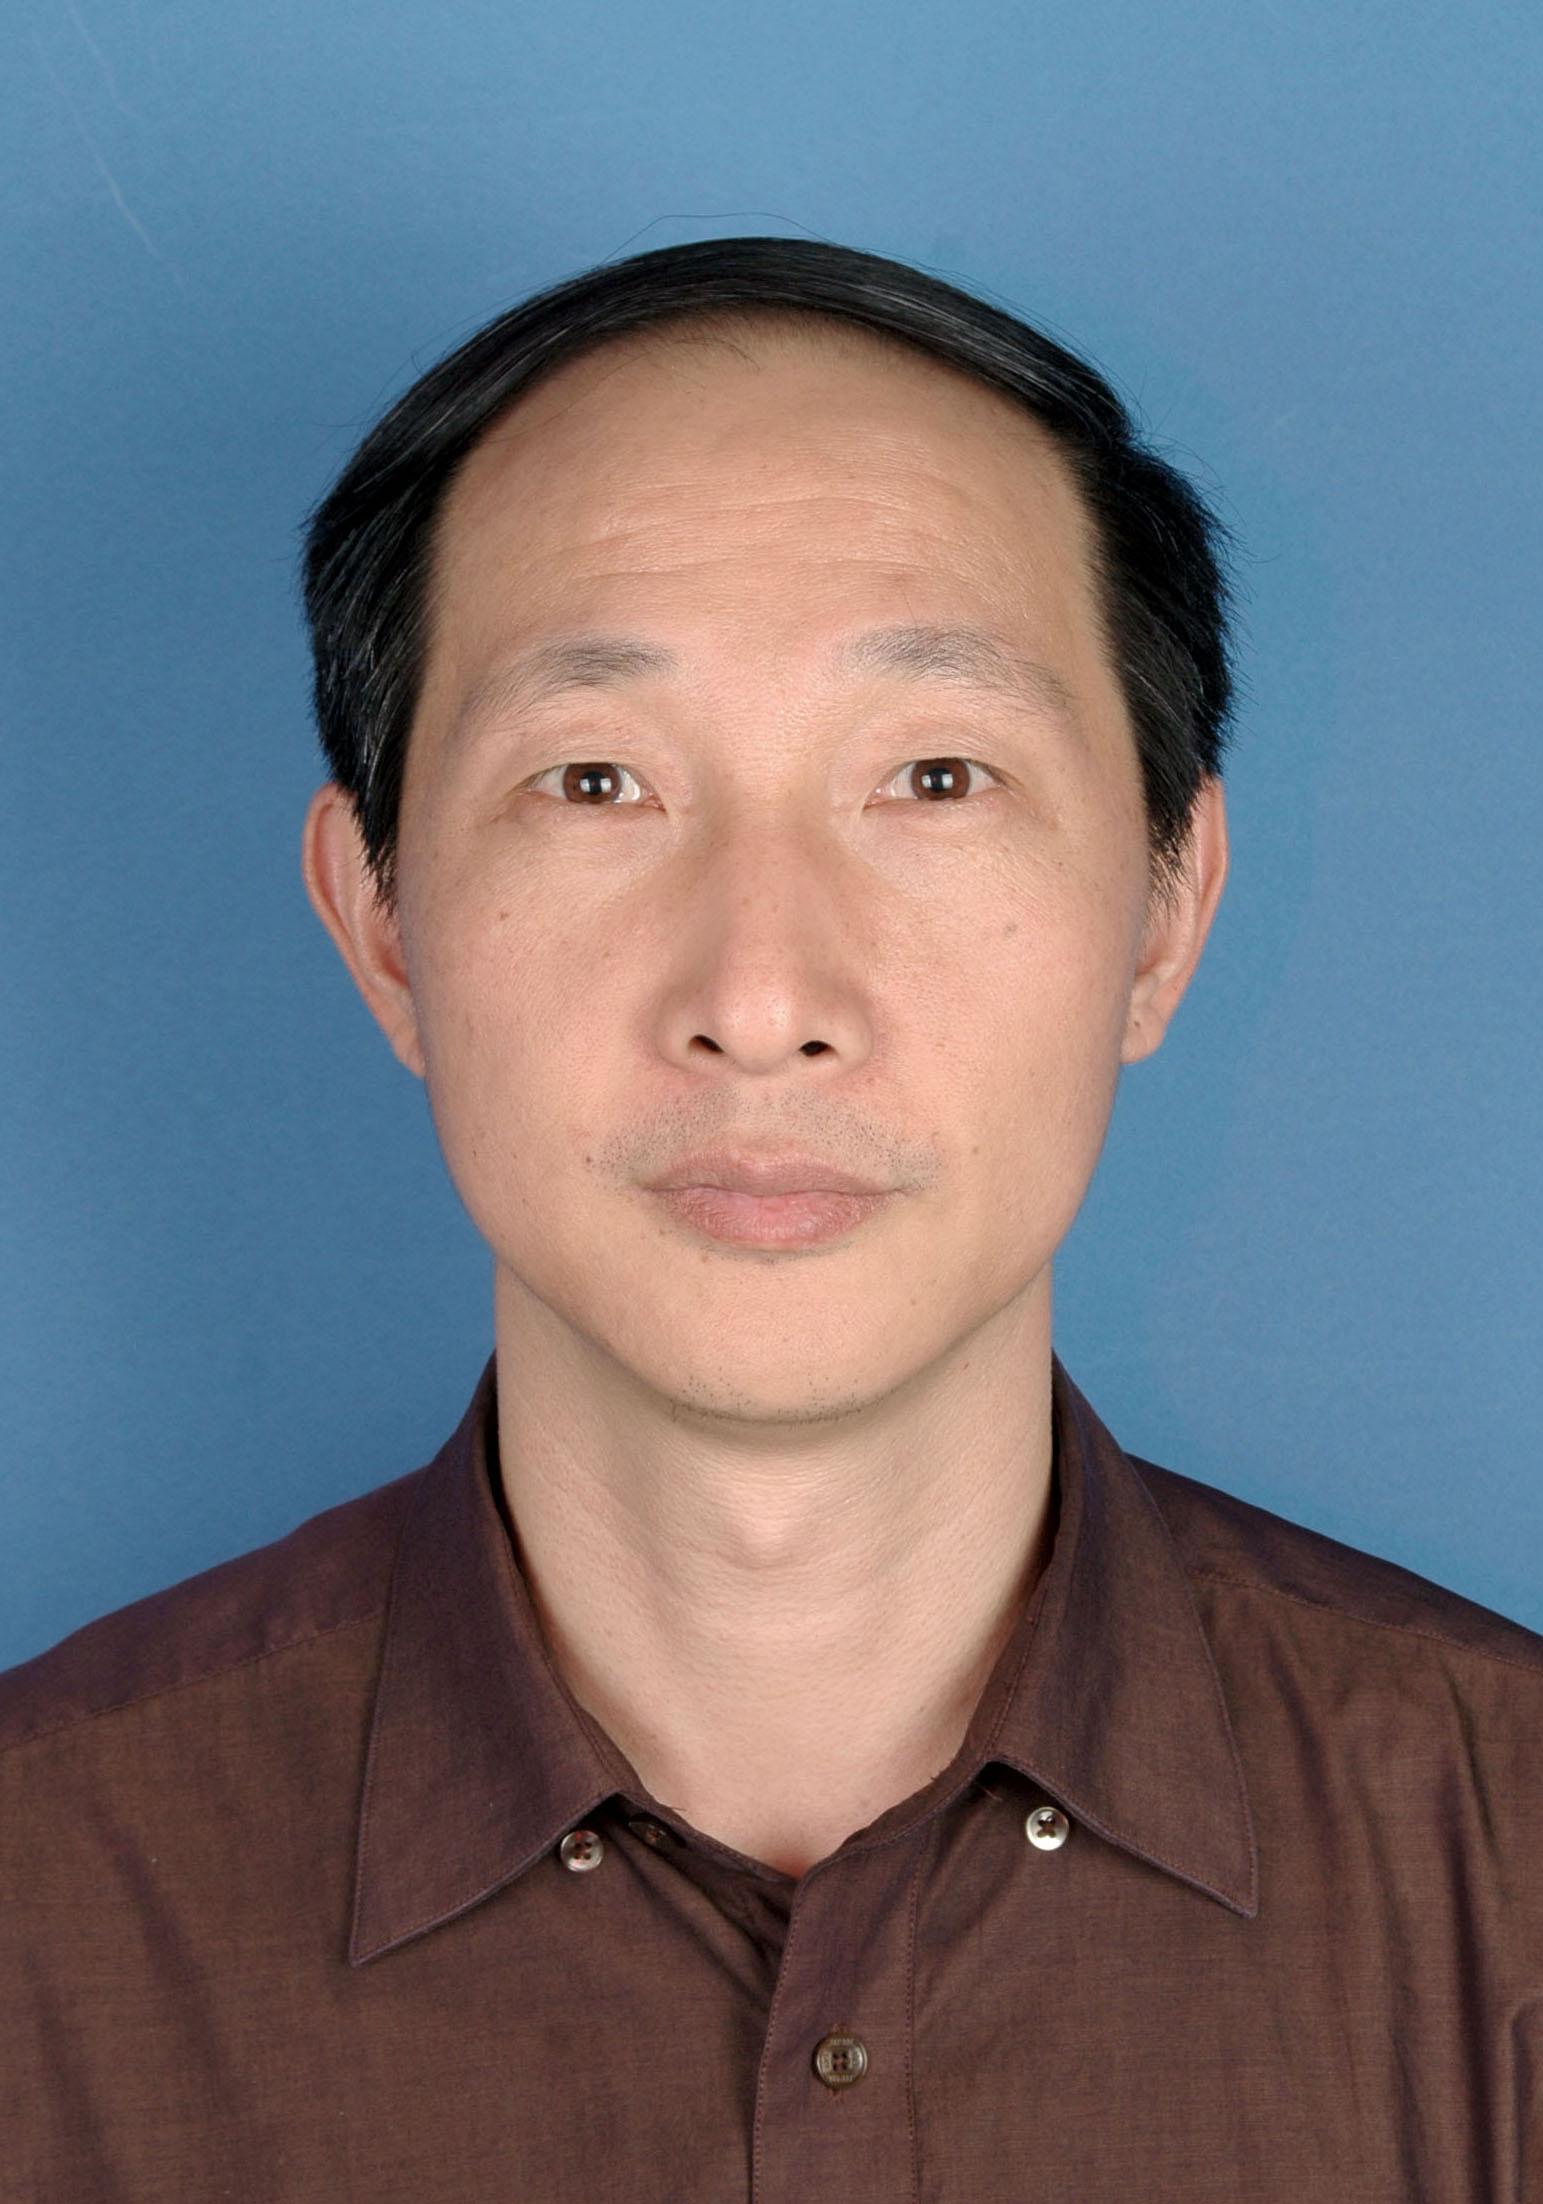 蒋伯杰,现任广东水利电力职业技术学院党委委员、副校长。